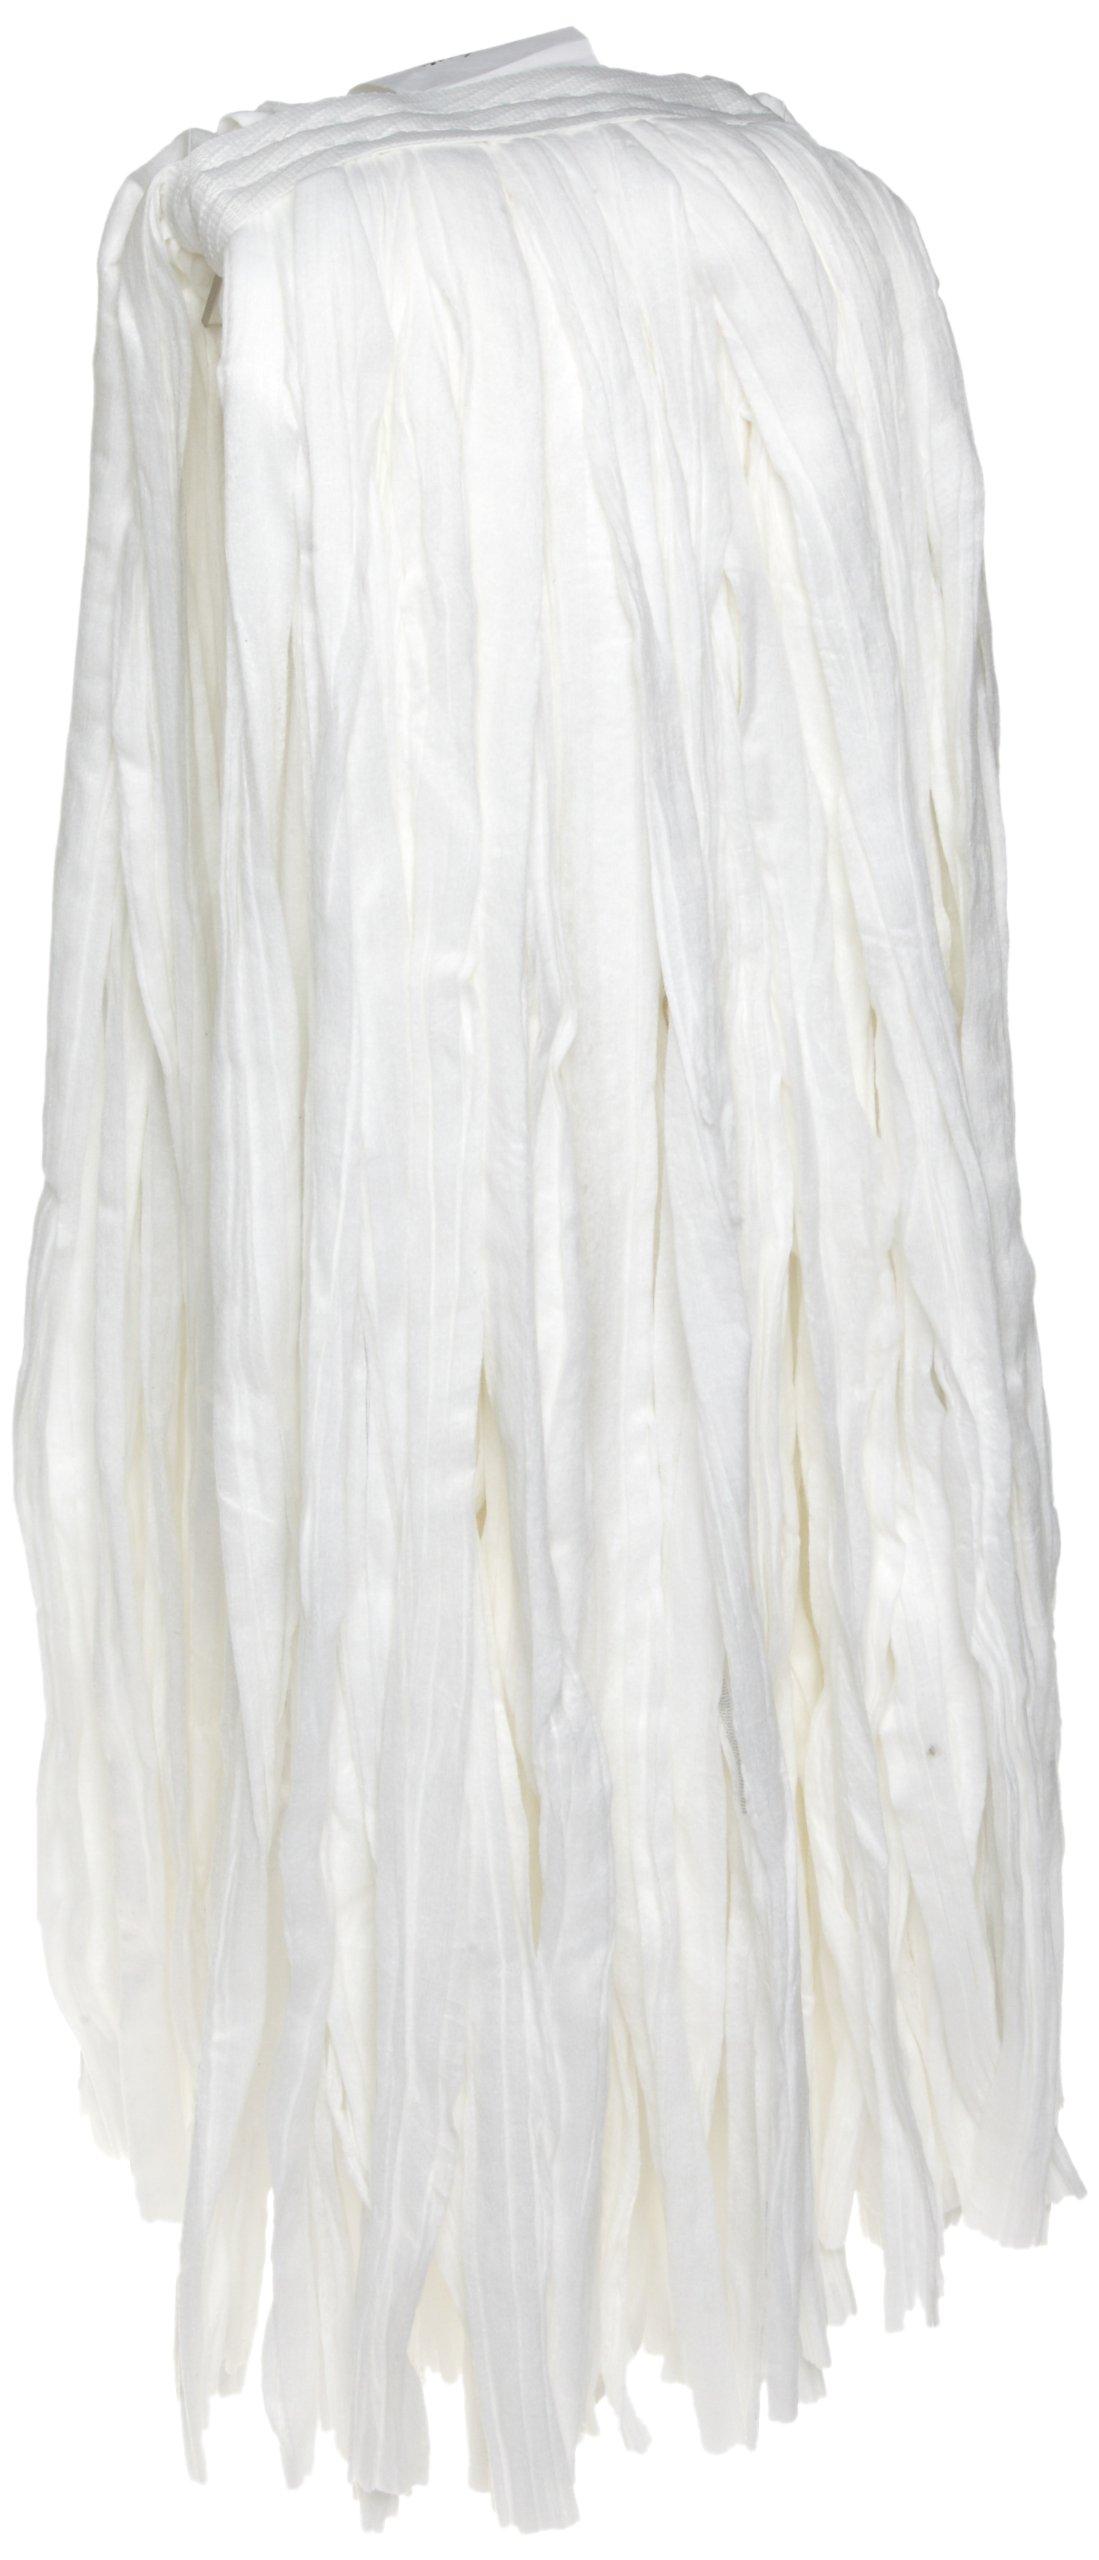 Zephyr 14055 Large Sorbup Mop Head (Pack of 12)